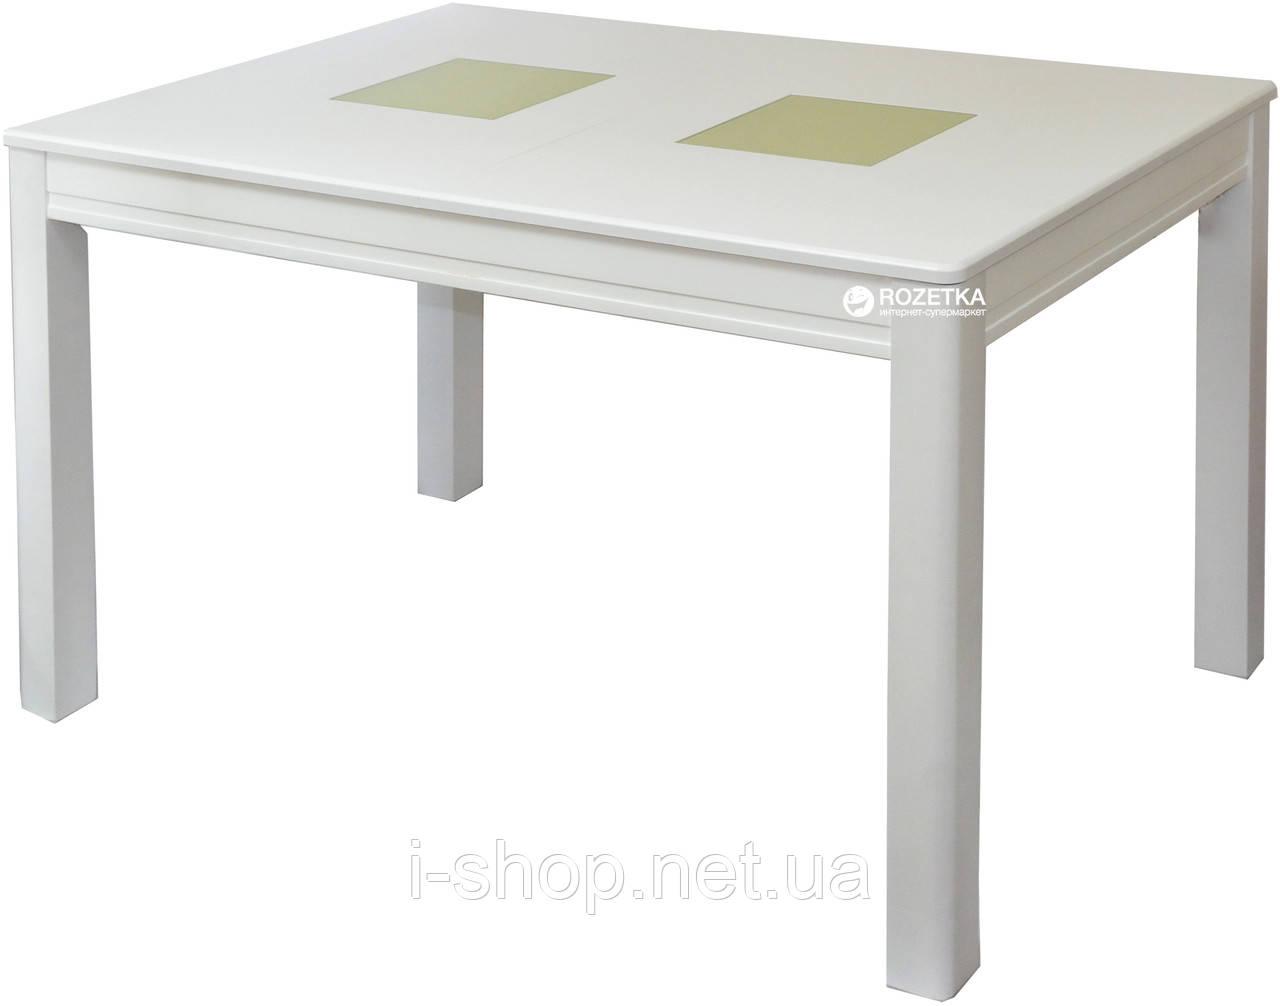 Стол обеденный раскладной Берлин С (белый, беж)